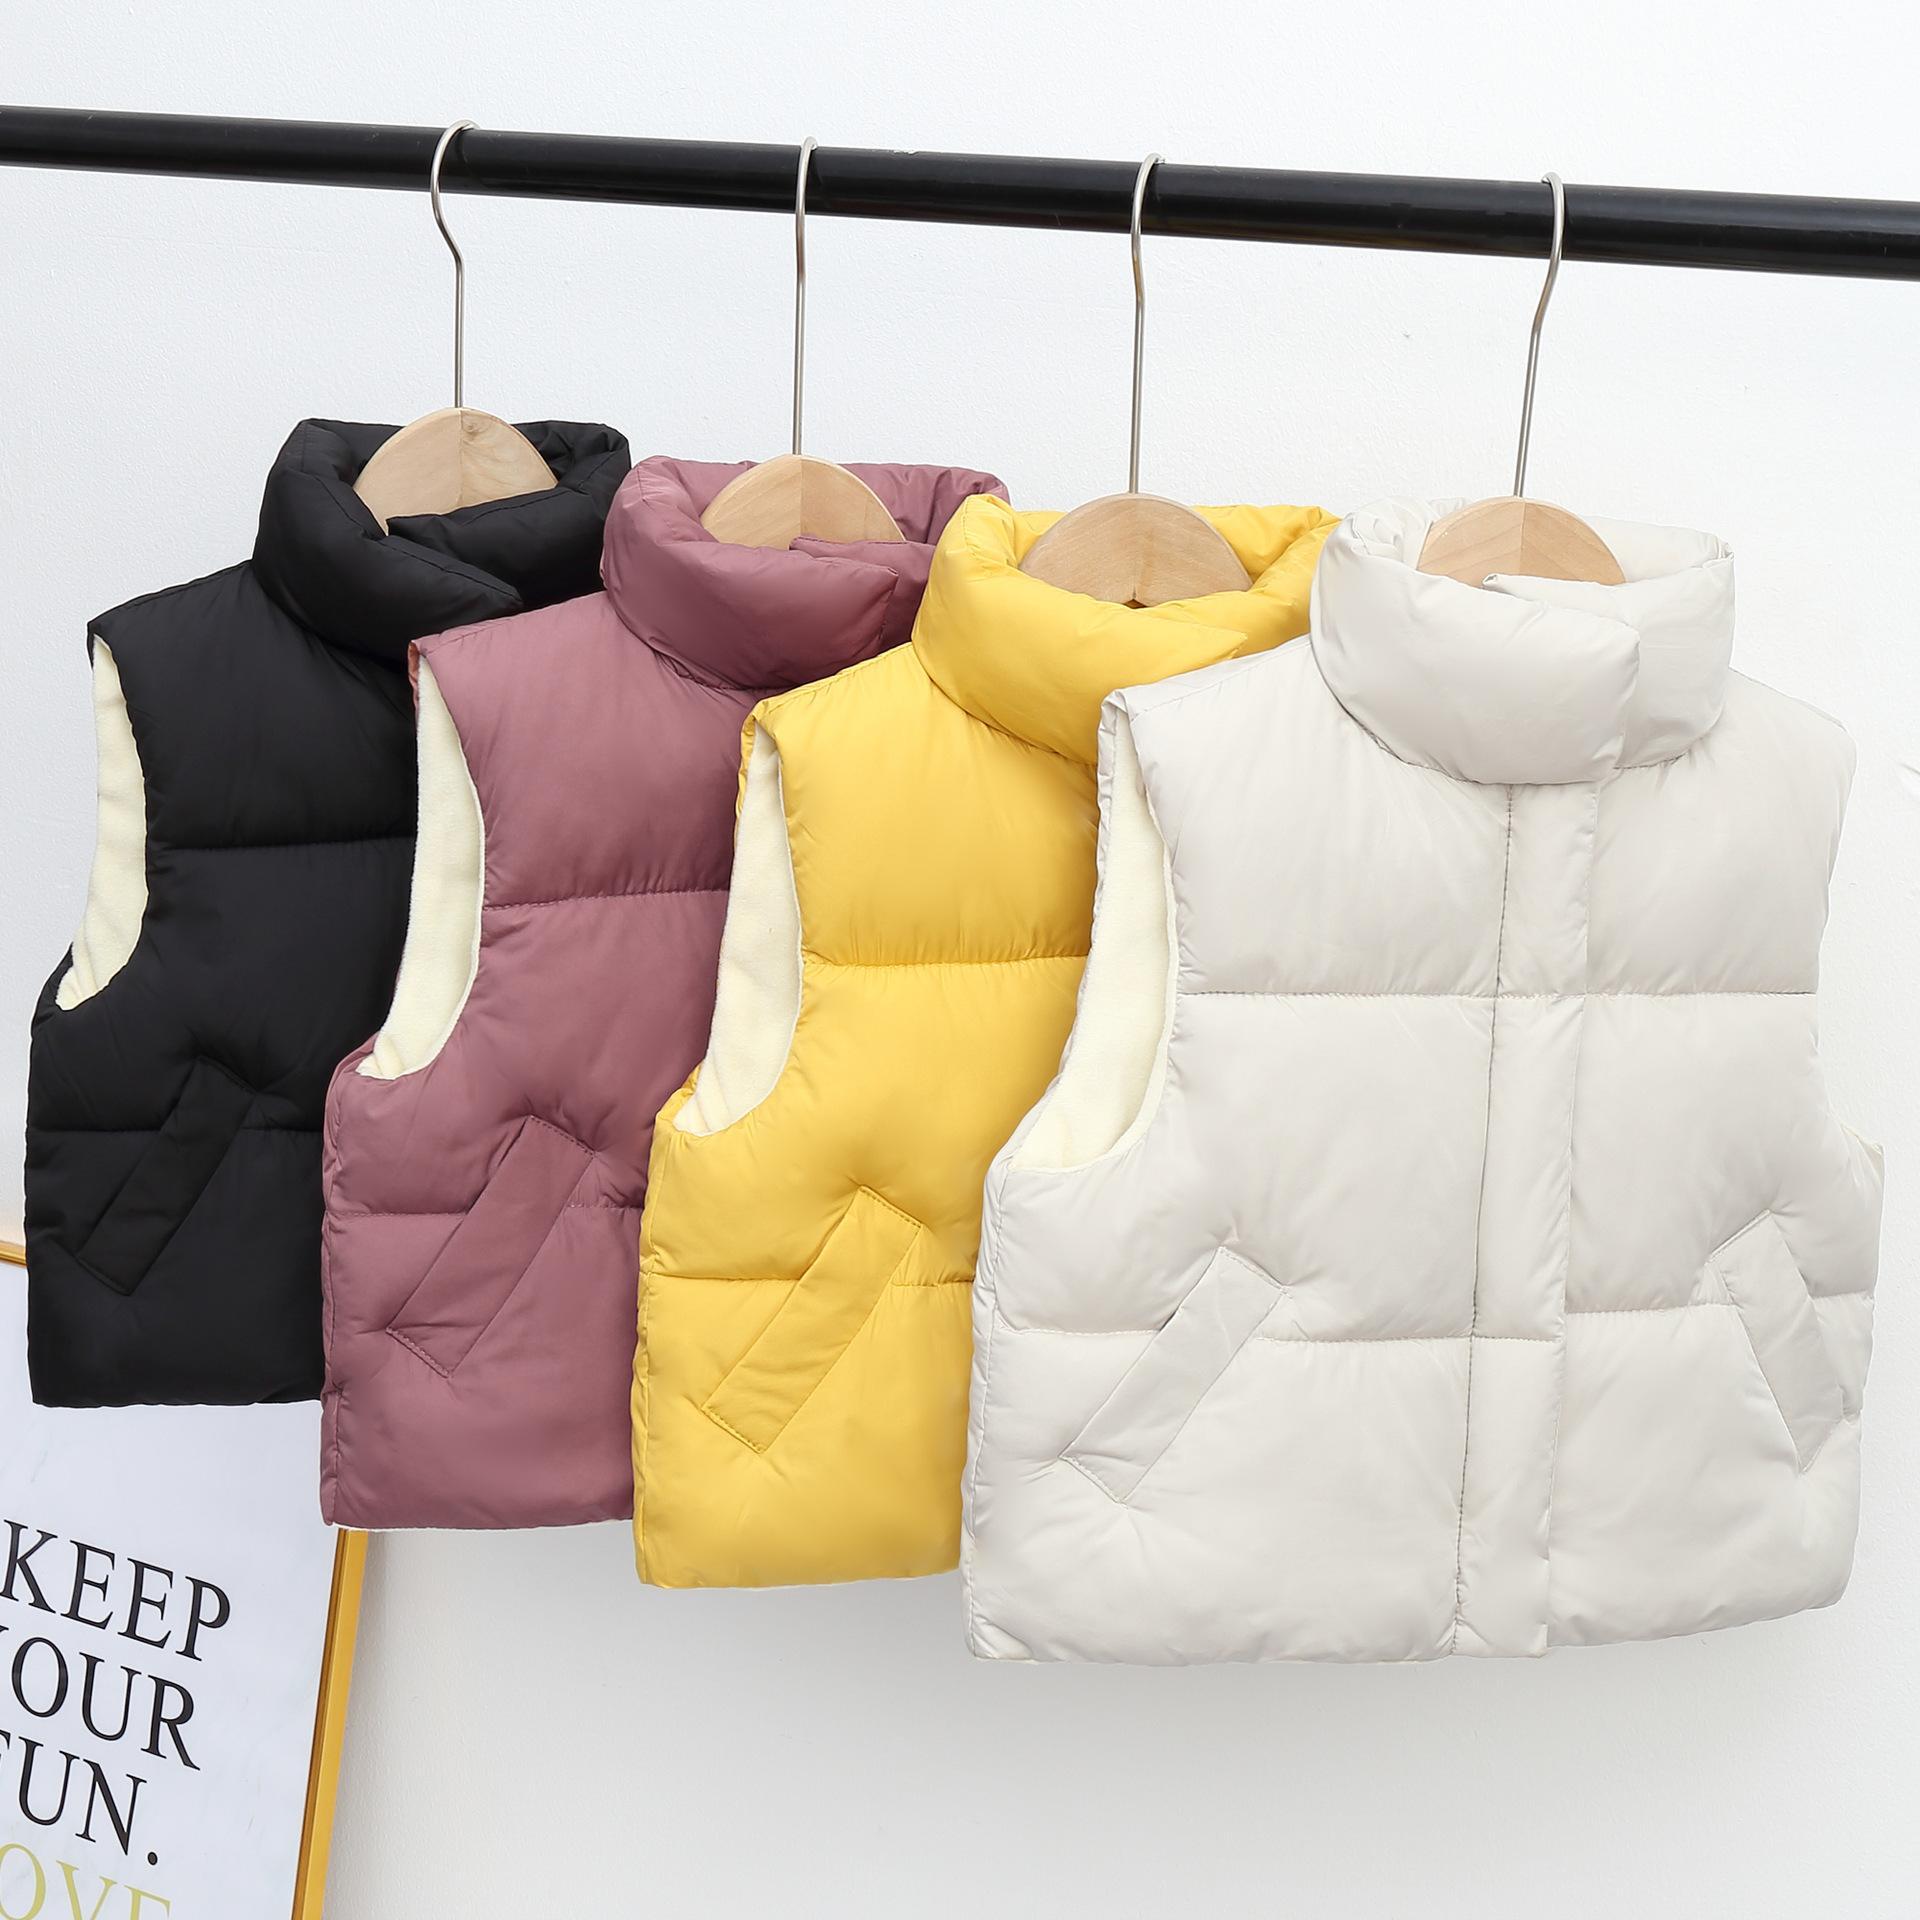 Chicas chalecos para niños Outwear abrigos calientes de algodón grueso niños chalecos otoño invierno niños moda soporte collar traje chalecos 201110